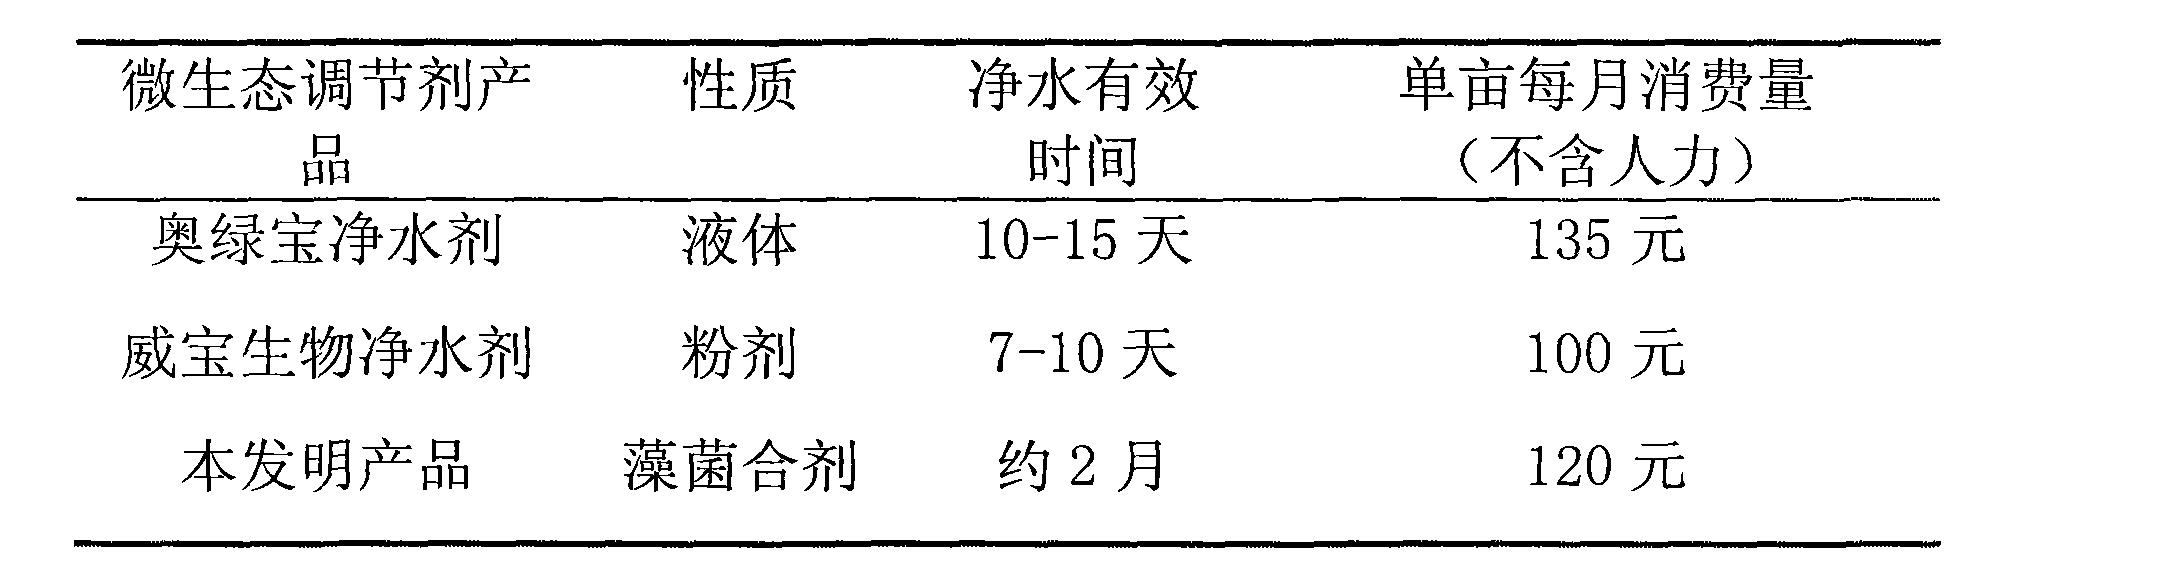 Figure CN101781025BD00053